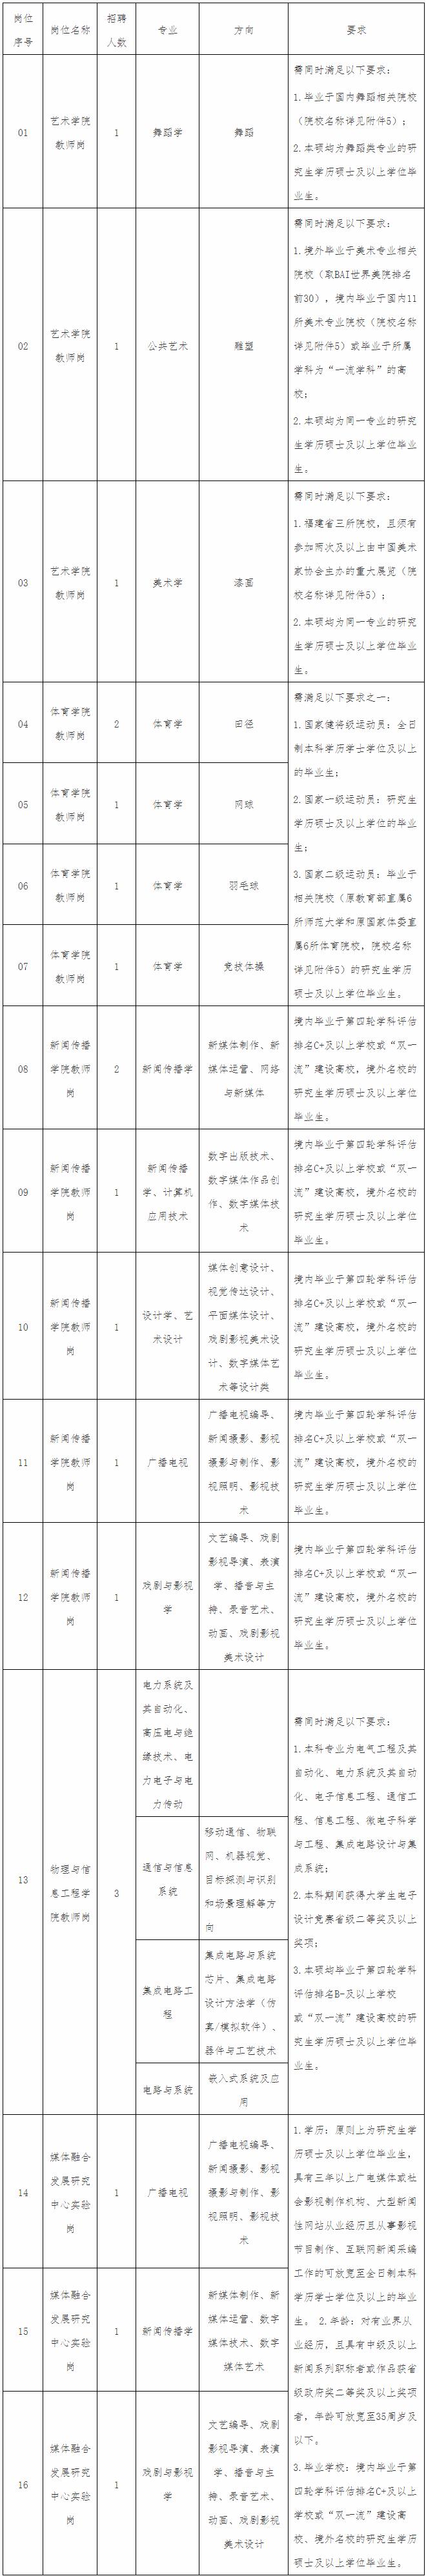 2020年福建闽南师范大学招聘校聘编外(人事代理)教师20人方案